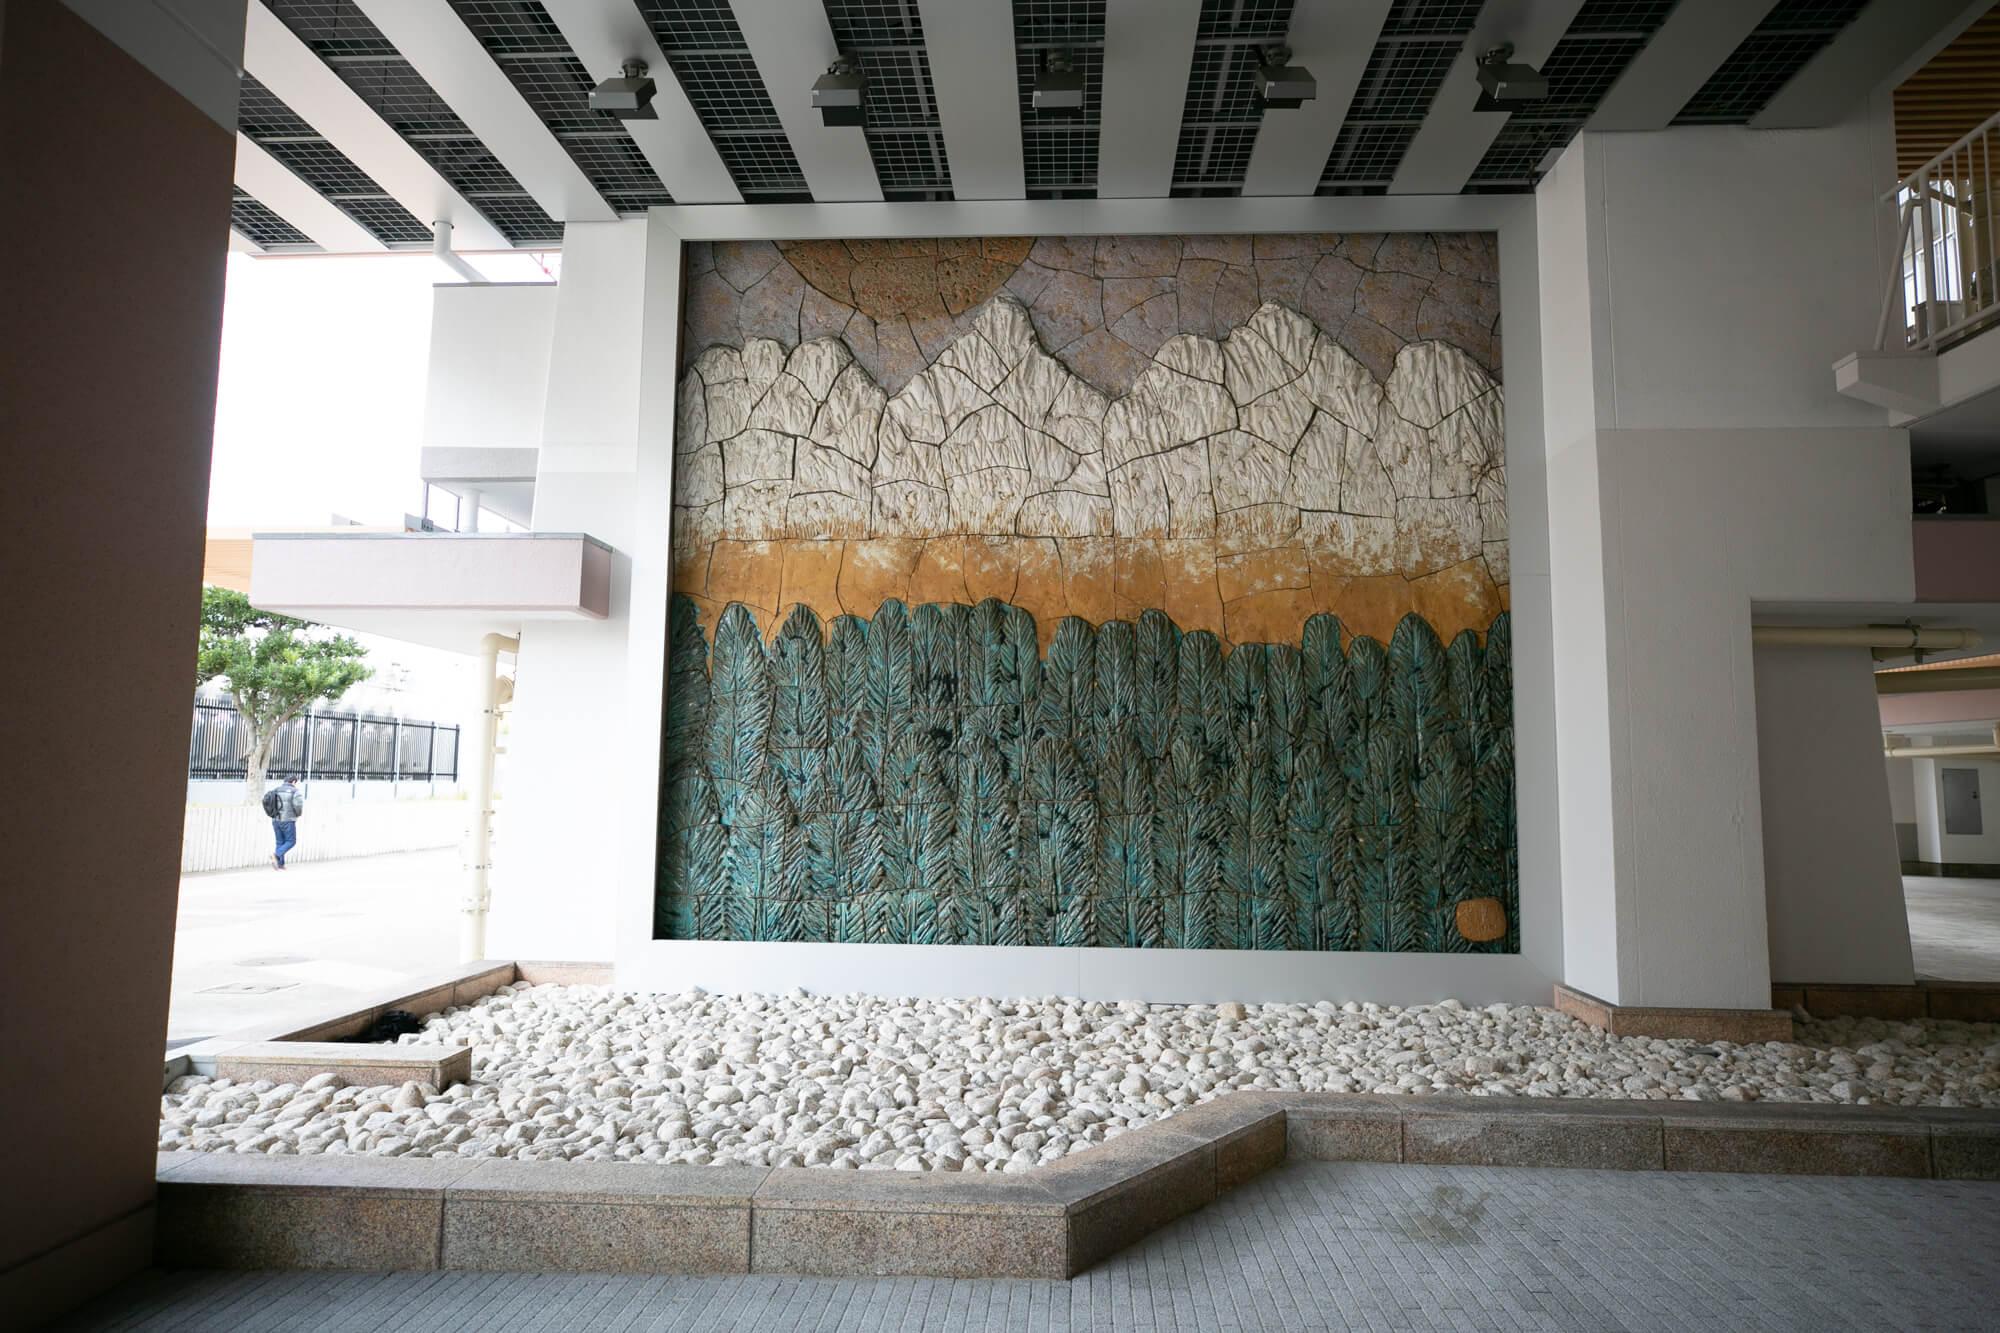 住棟のあちらこちらにとても雰囲気のある壁画があり、お聞きしたところによると地元の瀬戸出身の陶芸家の作品で、建設当初からのものだということ。素敵ですね。